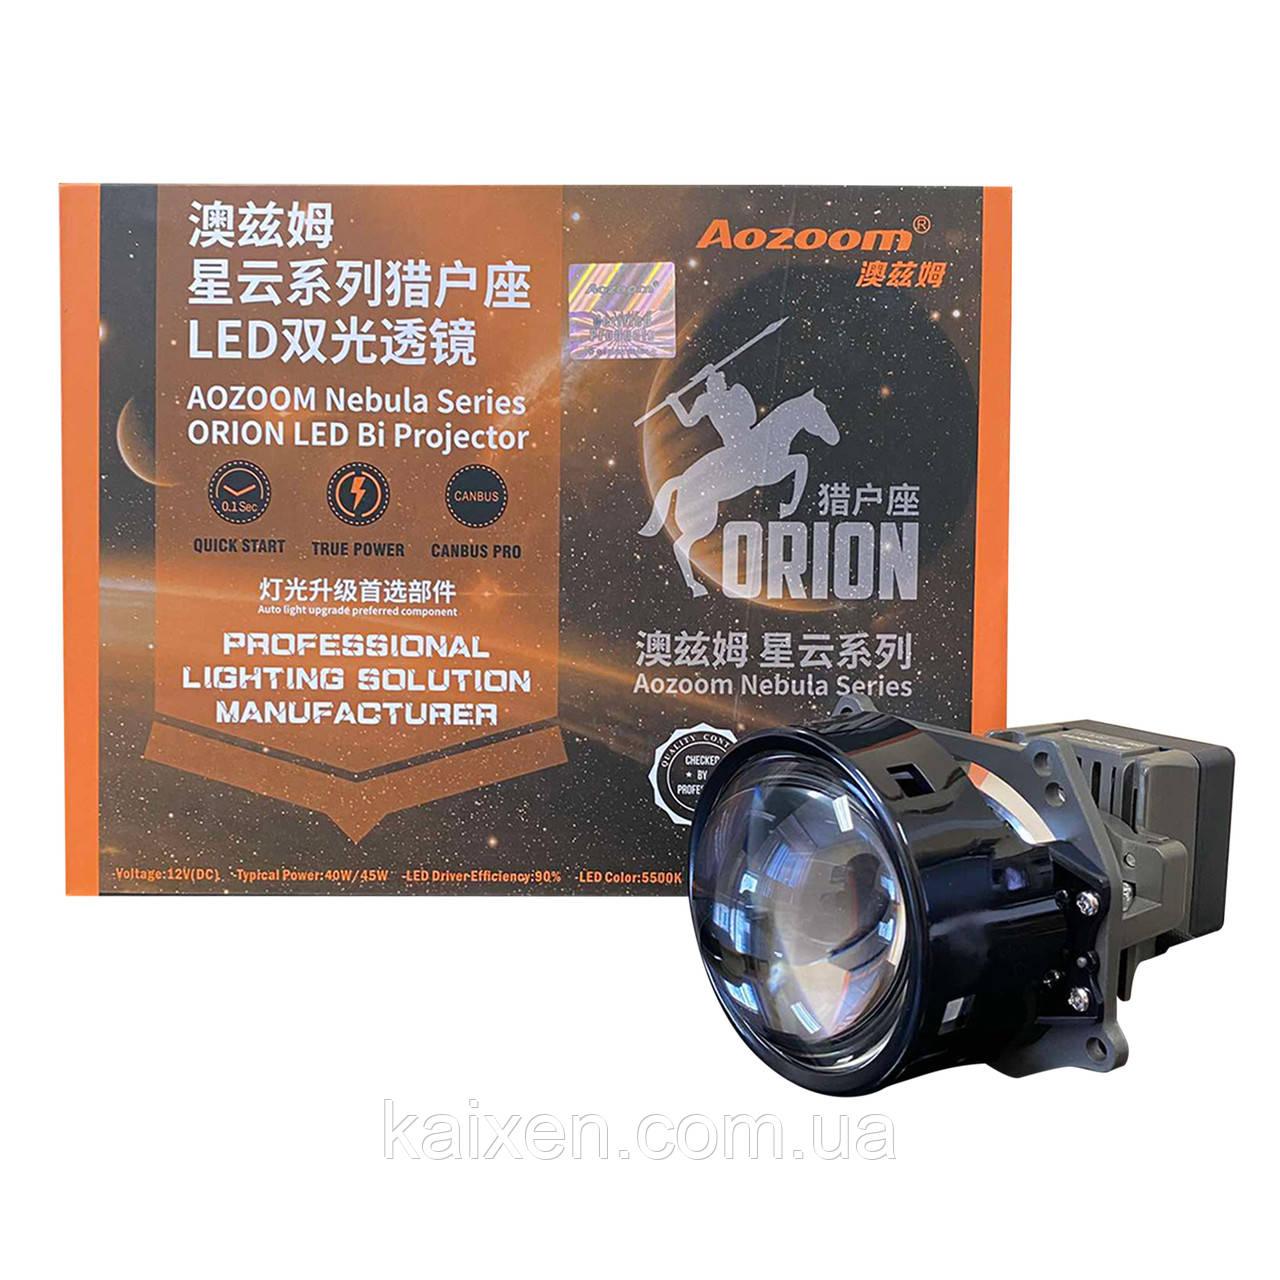 Bi-led лінзи Aozoom A9+ Orion 3 дюйми